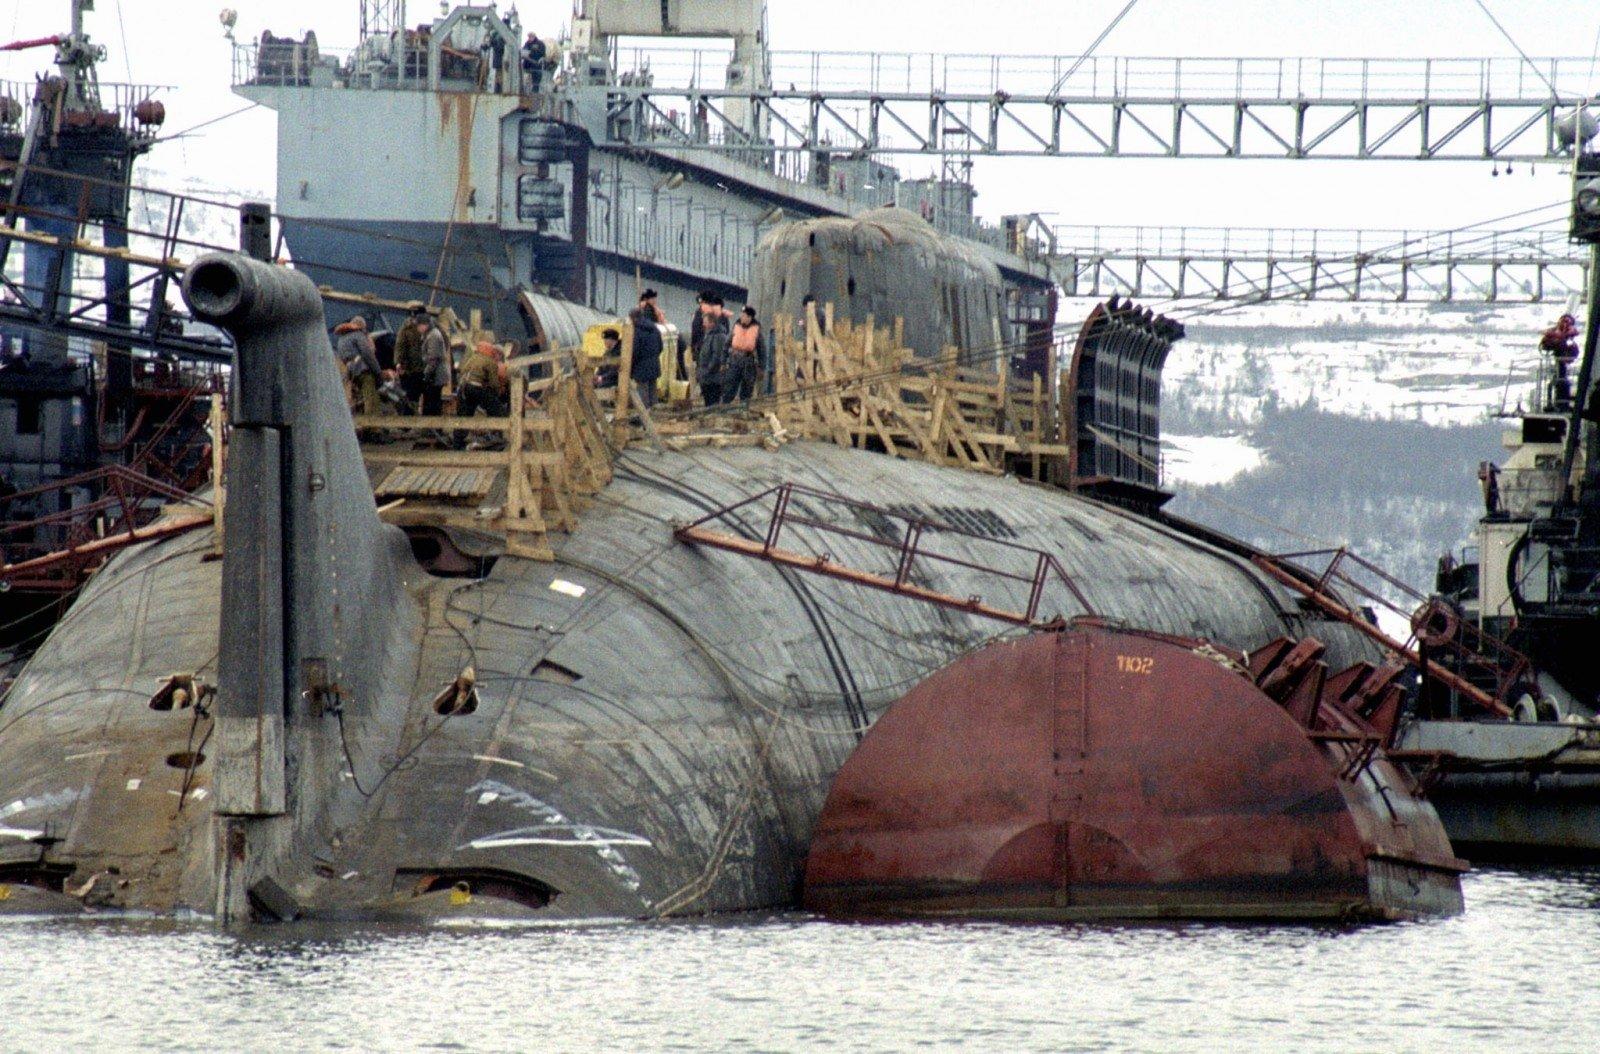 фото подводной лодки курск после подъема это настоящий аттракцион